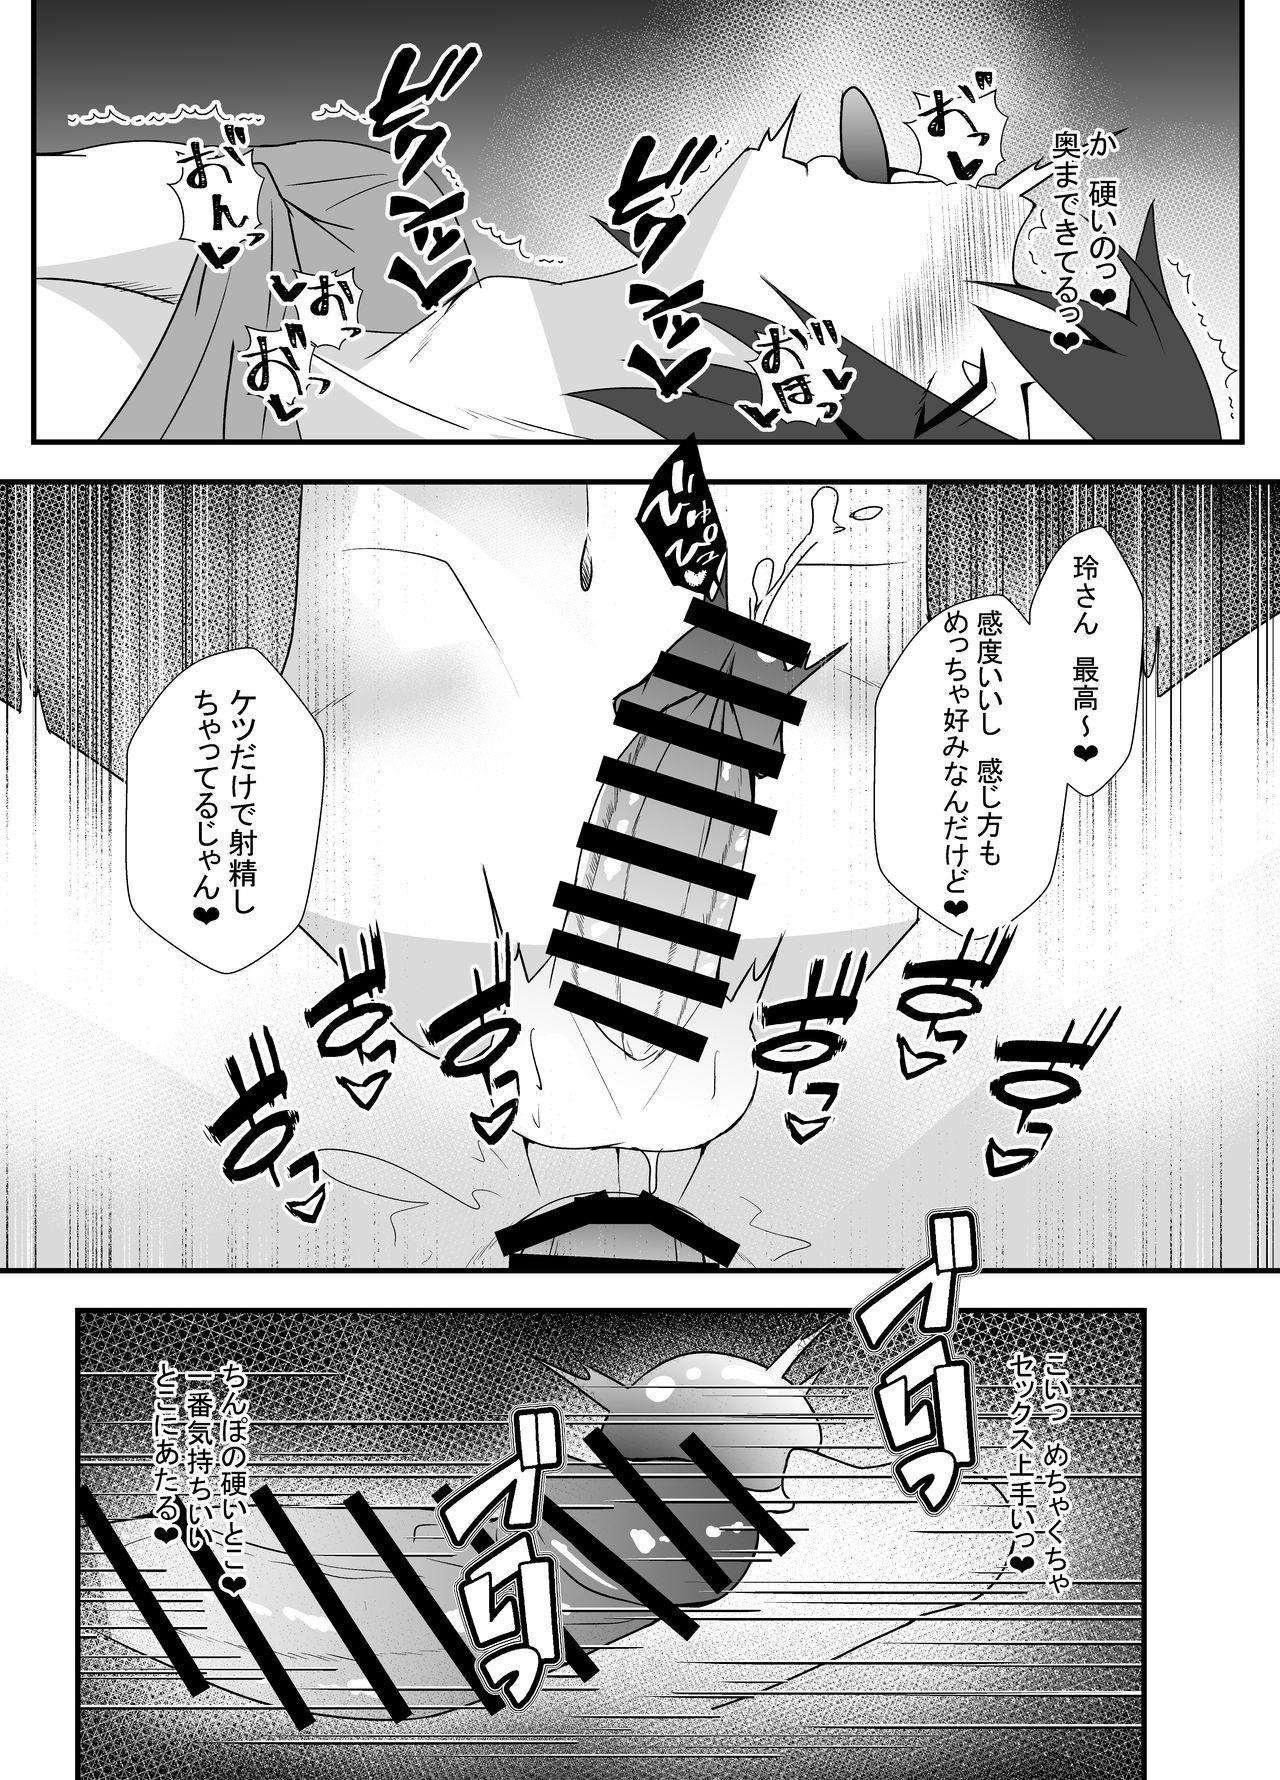 Goukon de o mochikaeri shitara doesu no otokodatta hanashi 14